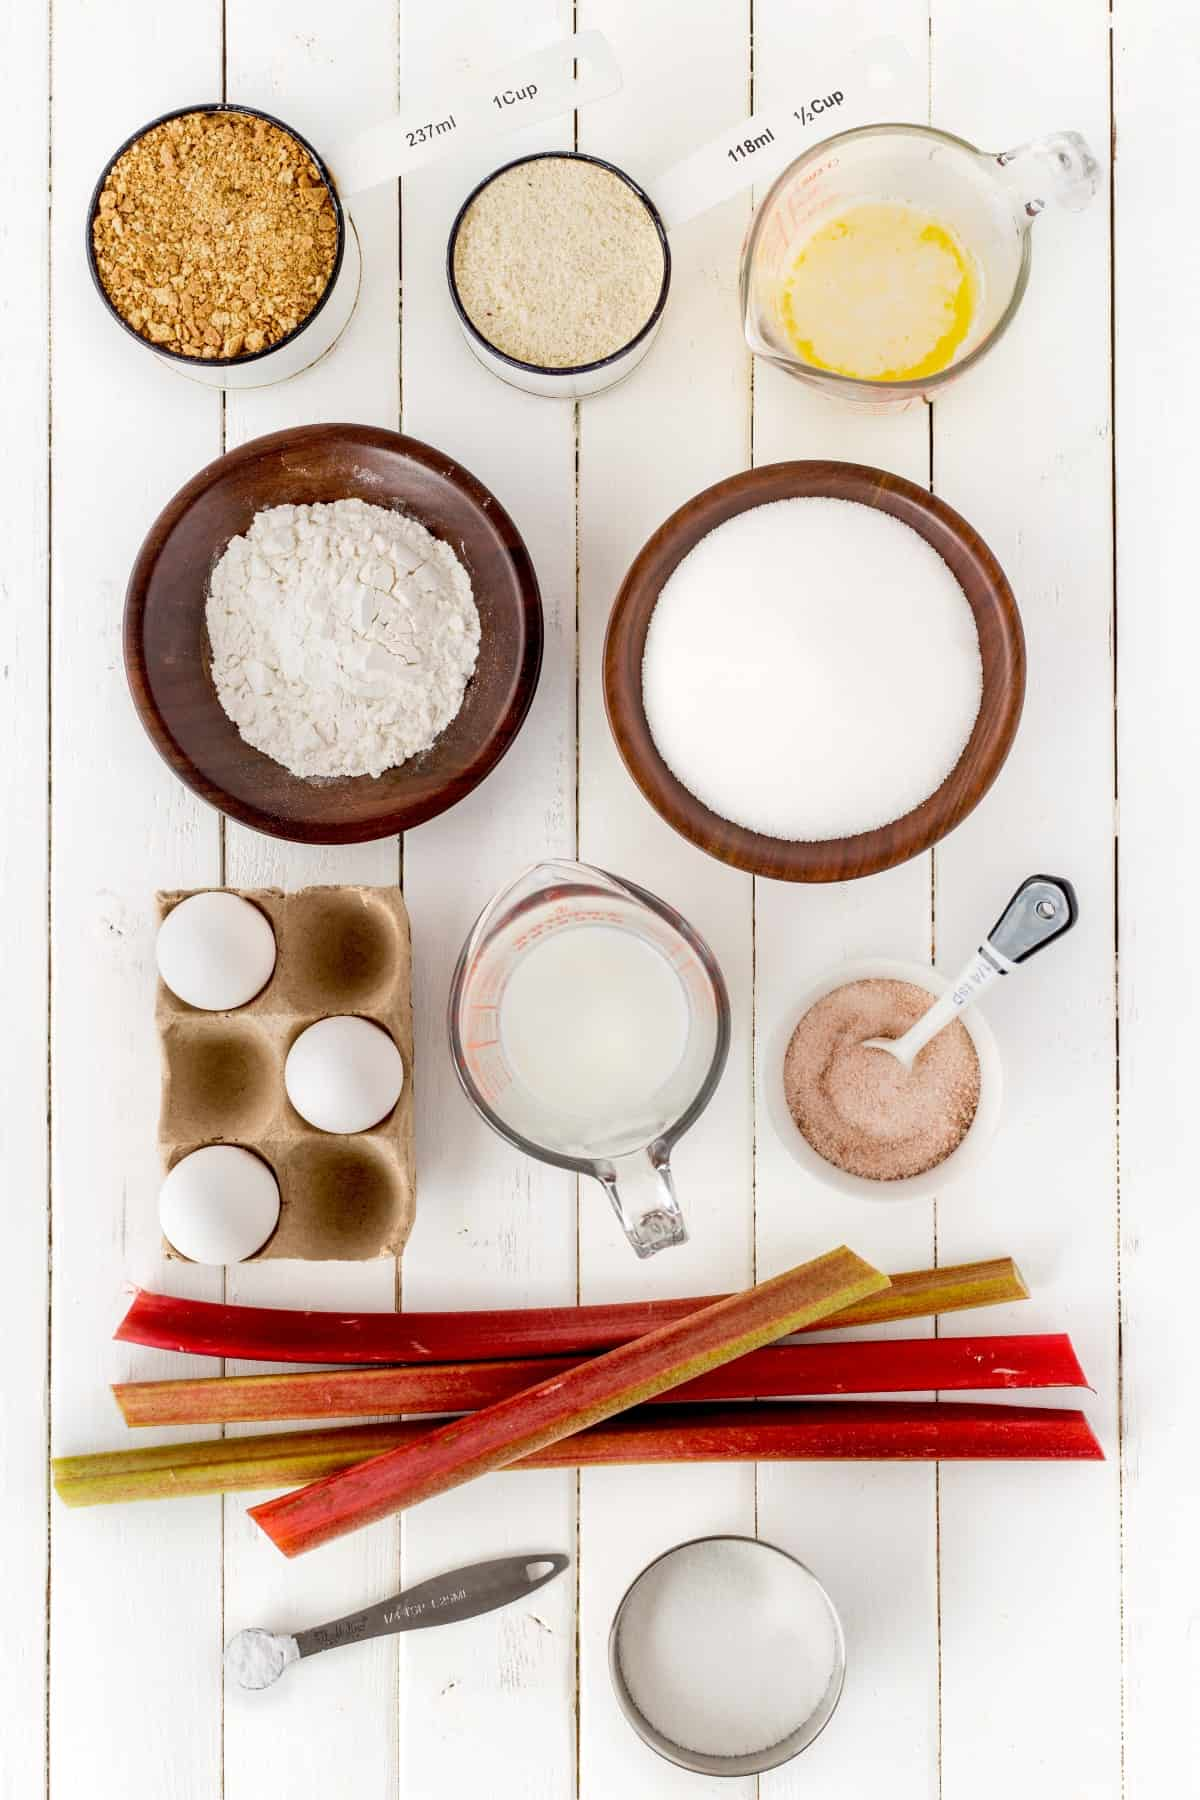 Ingredients to make rhubarb meringue dessert.